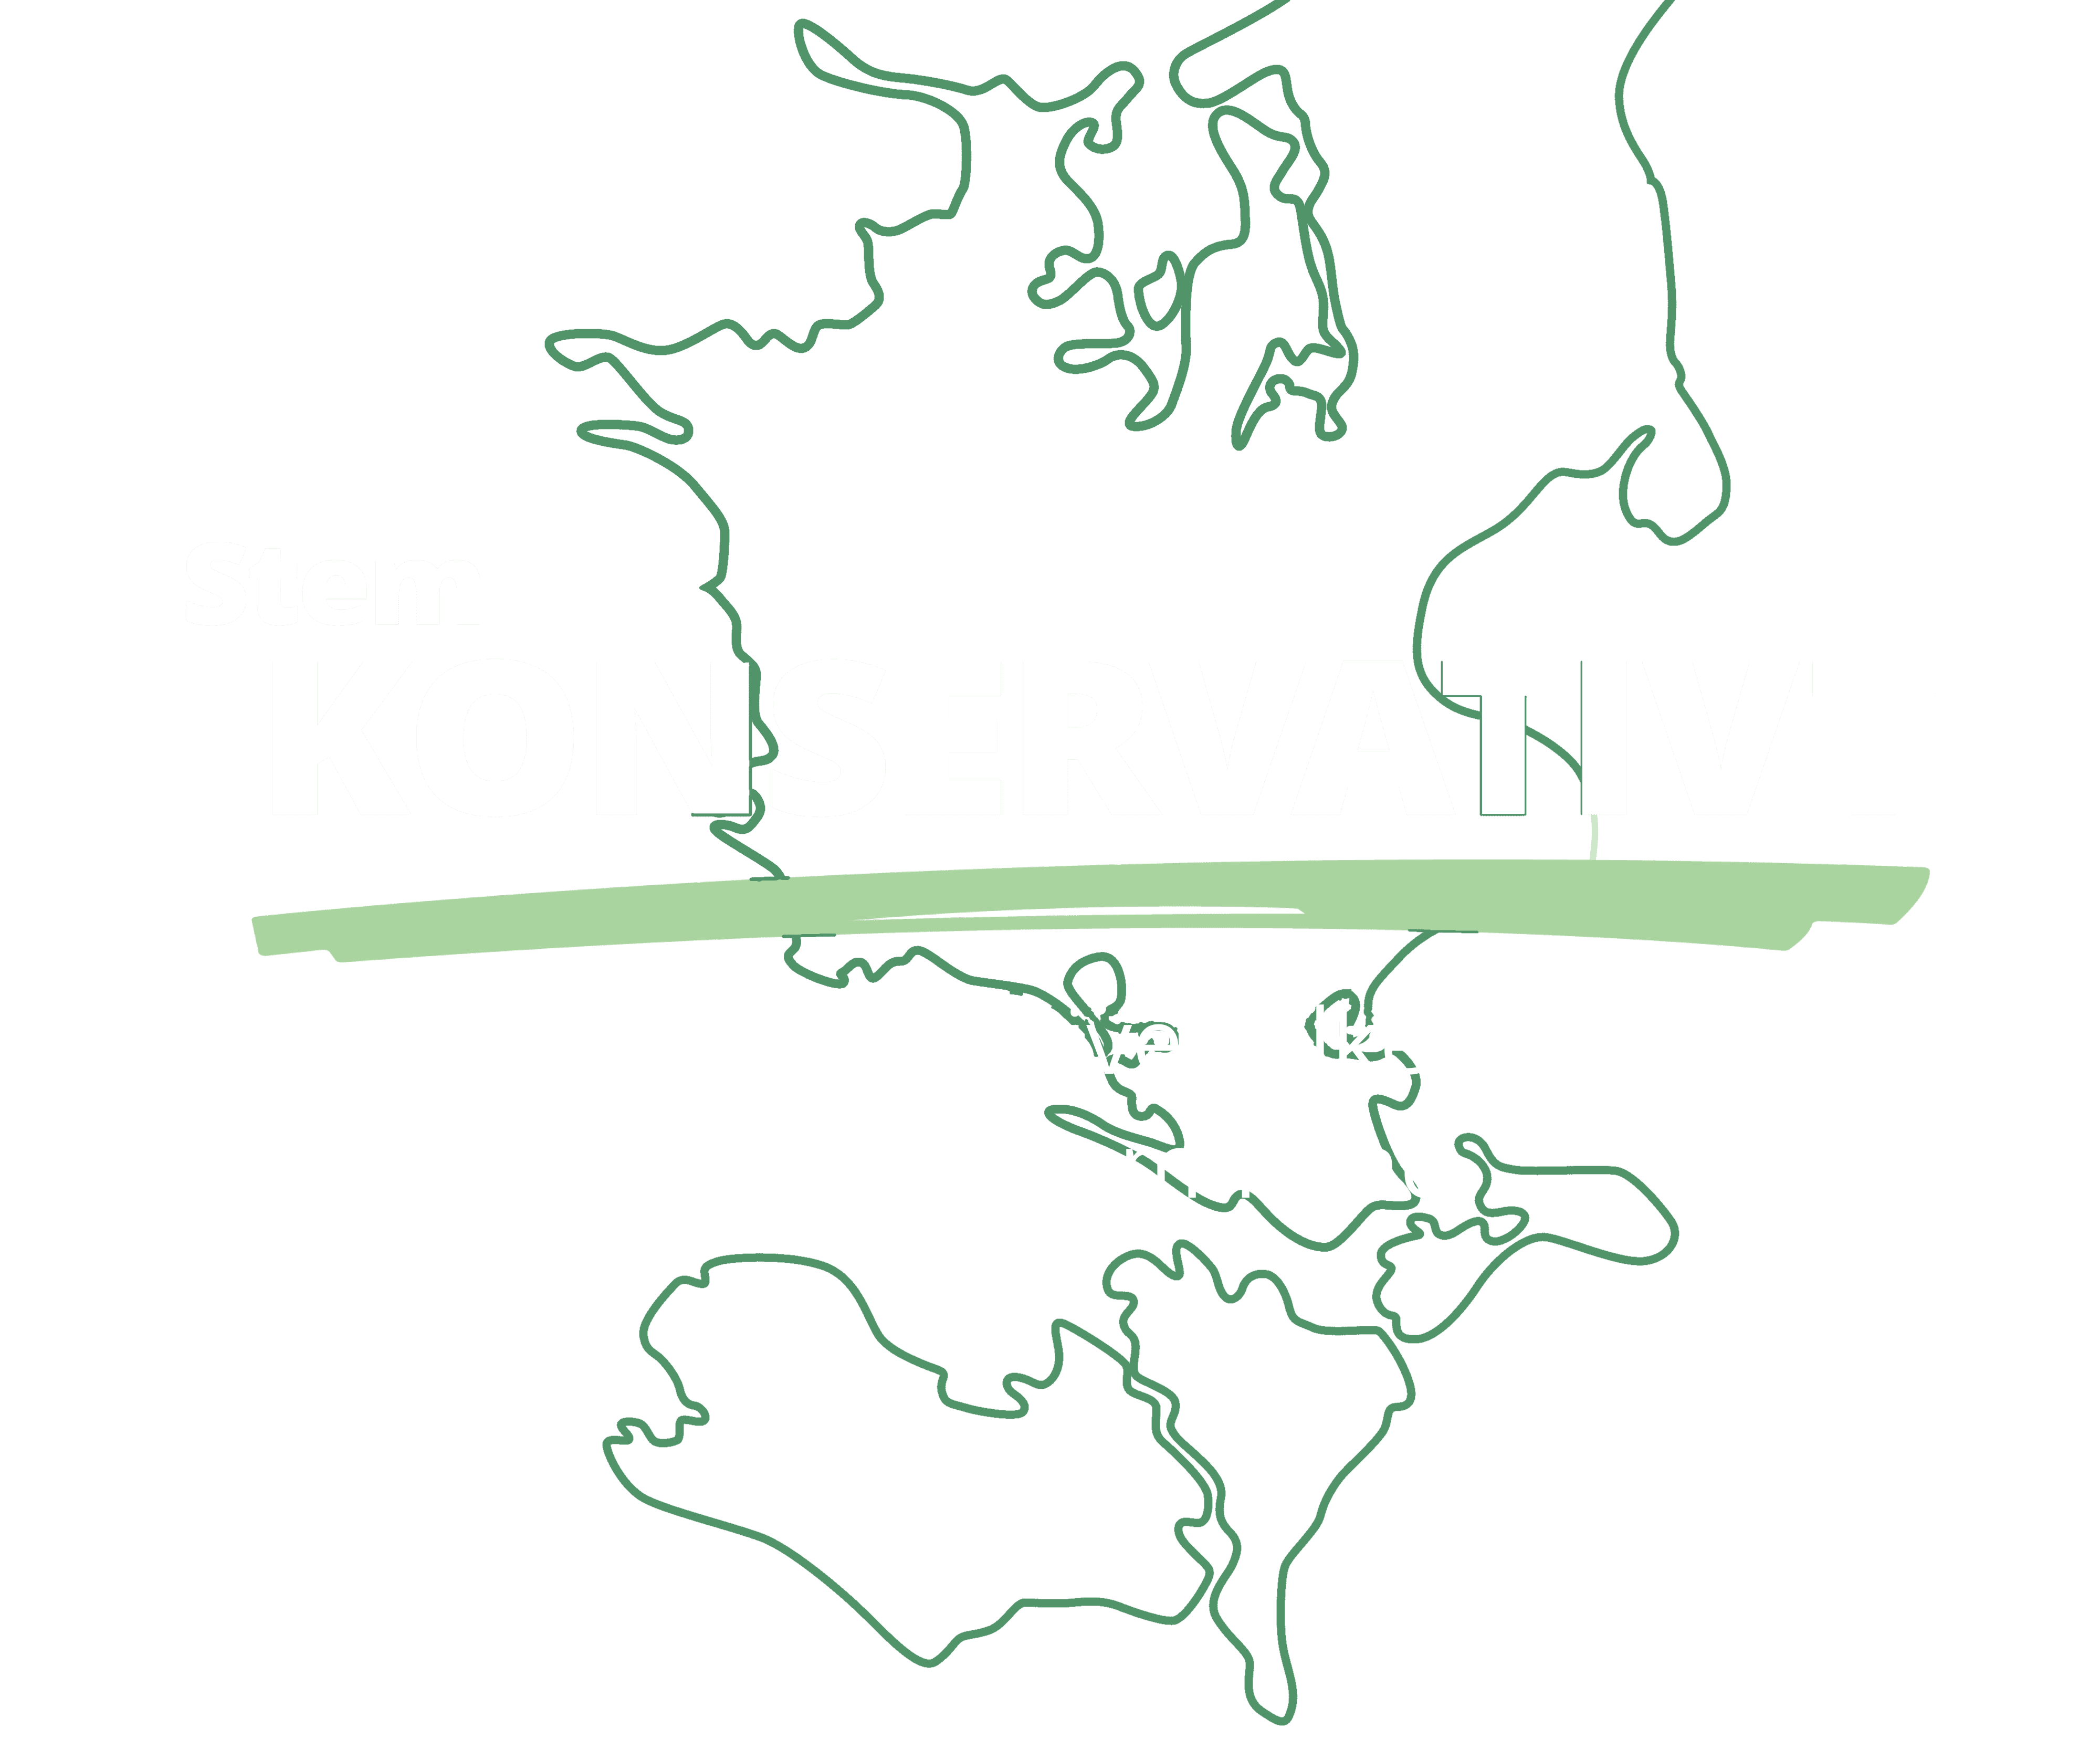 Konservative i Slagelse